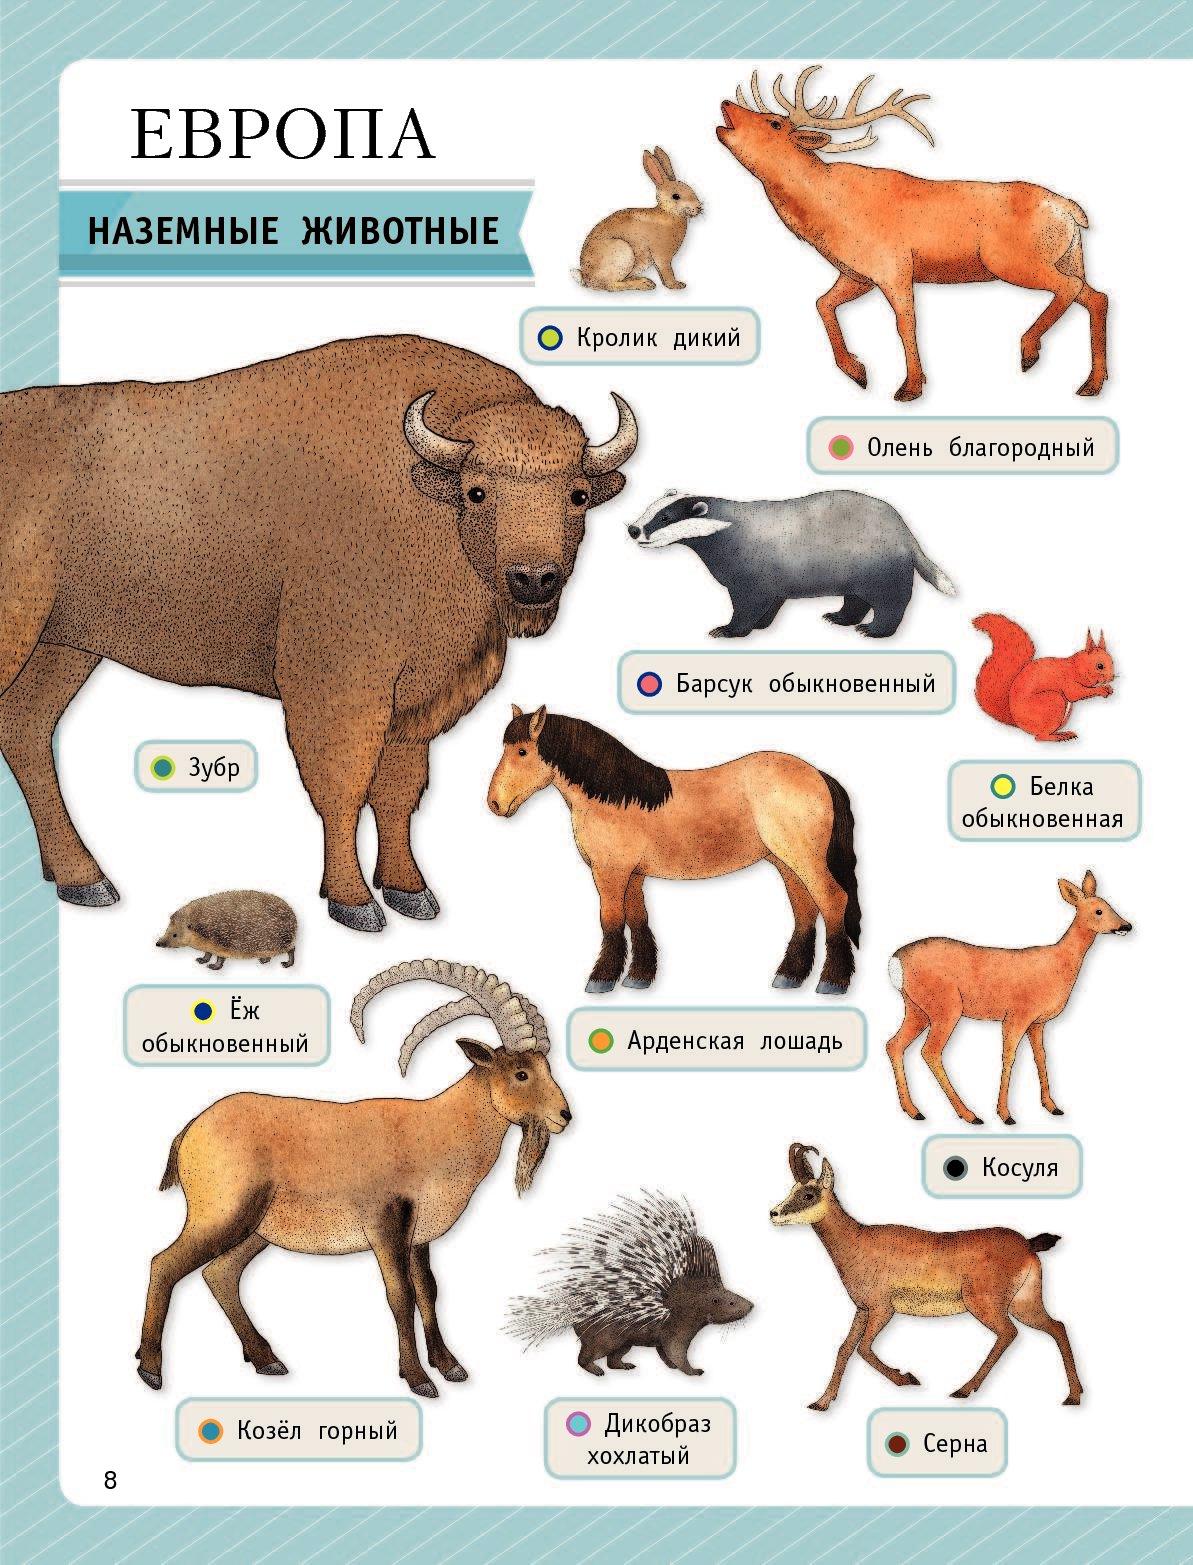 все животные мира список фото вот что вытащил